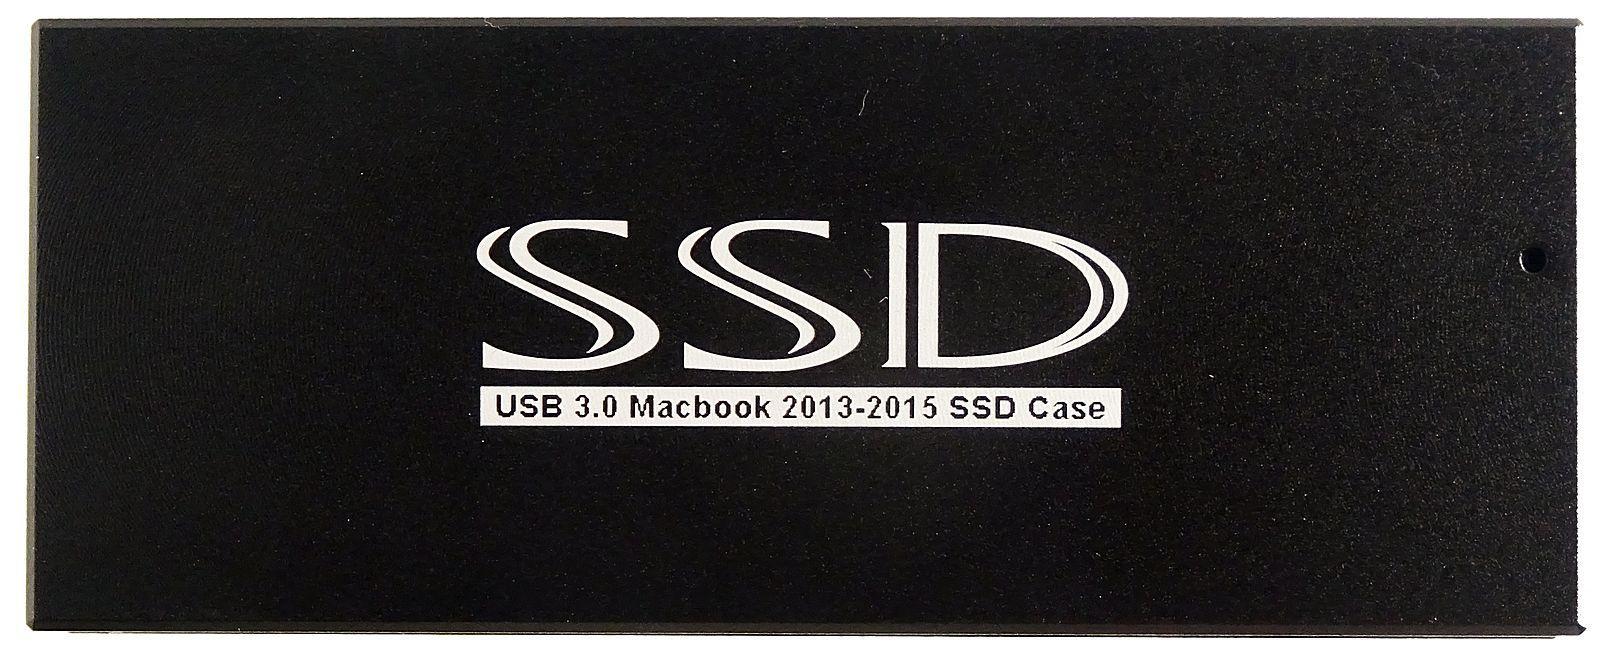 2013-2015 Macbook A1465 1466 A1398 A1502 SSD USB 3.0 - External USB3.0 Case